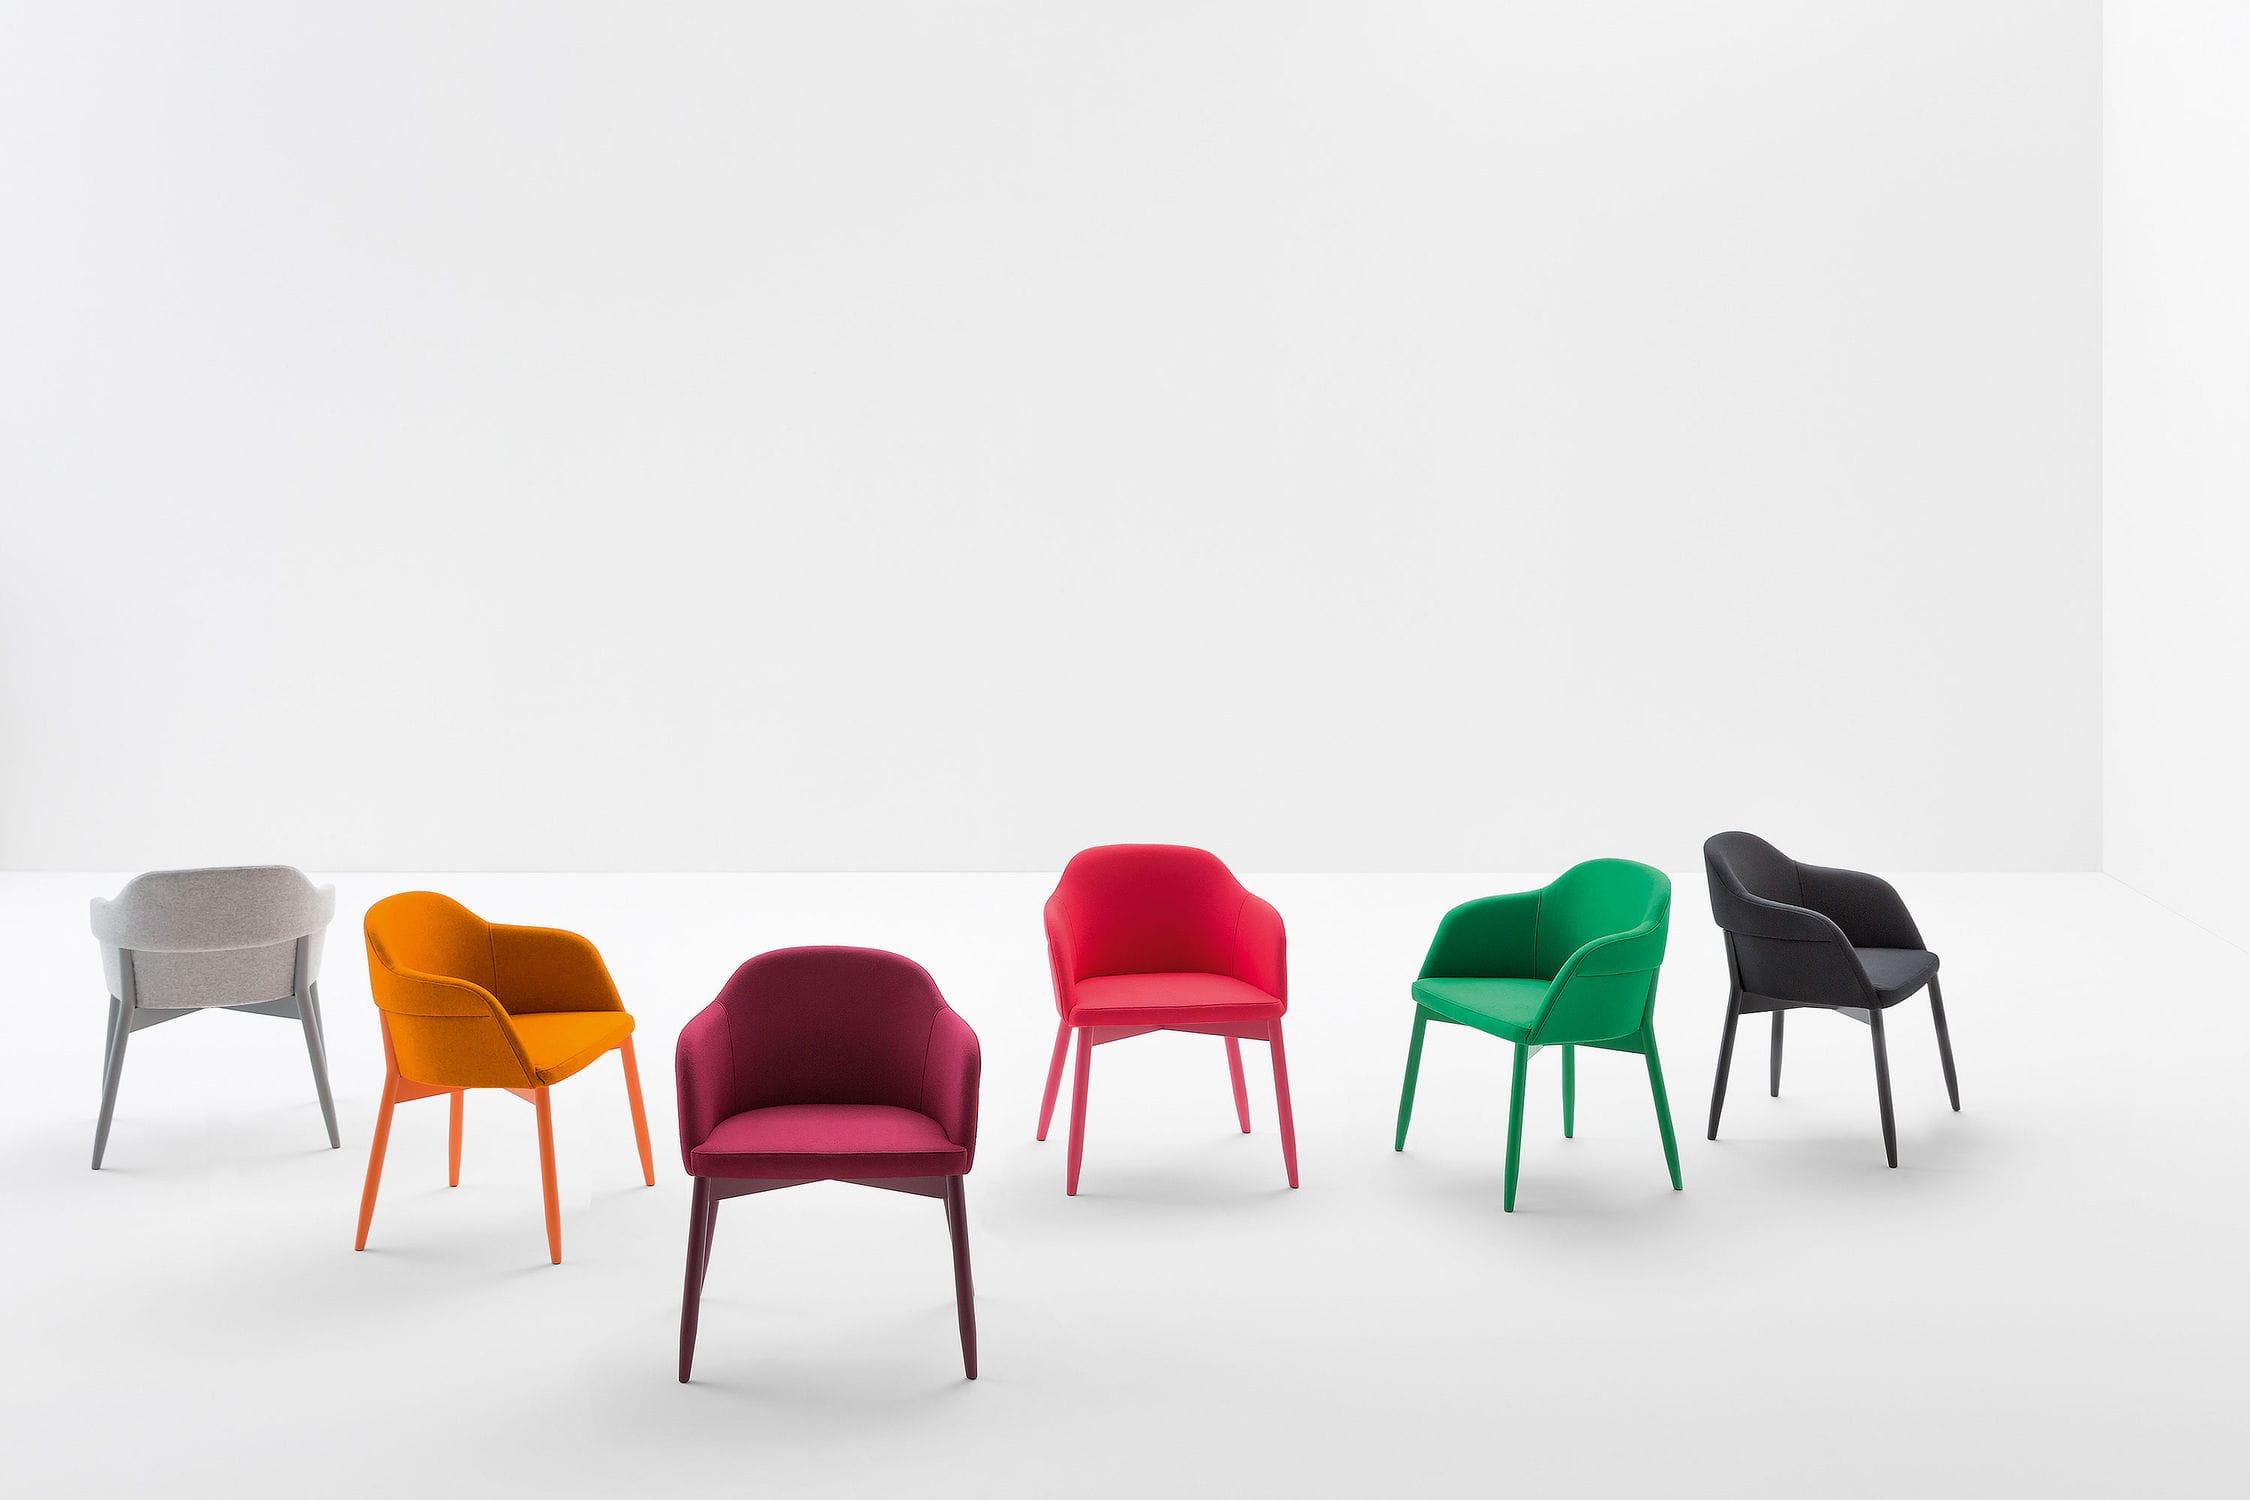 Sedie In Legno Con Braccioli : Sedia moderna imbottita con braccioli in legno laccato spy